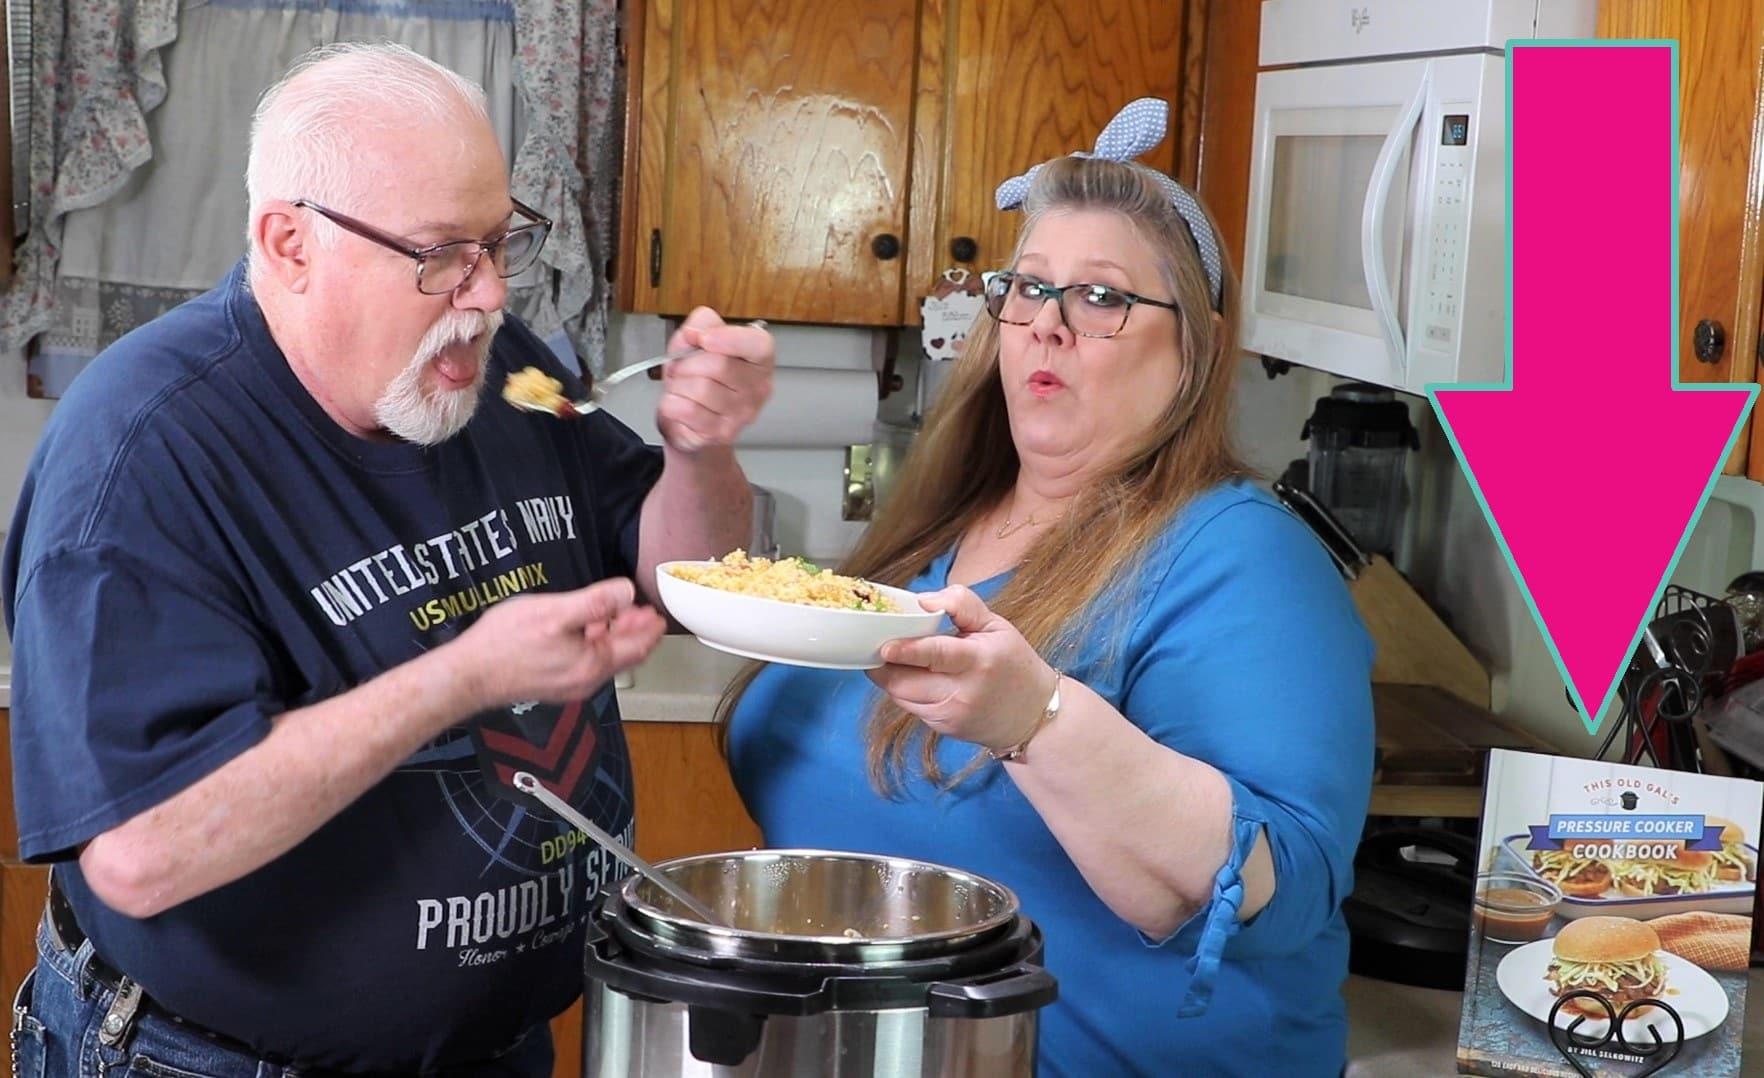 Taste Testing Instant Pot Cranberry Spice Couscous